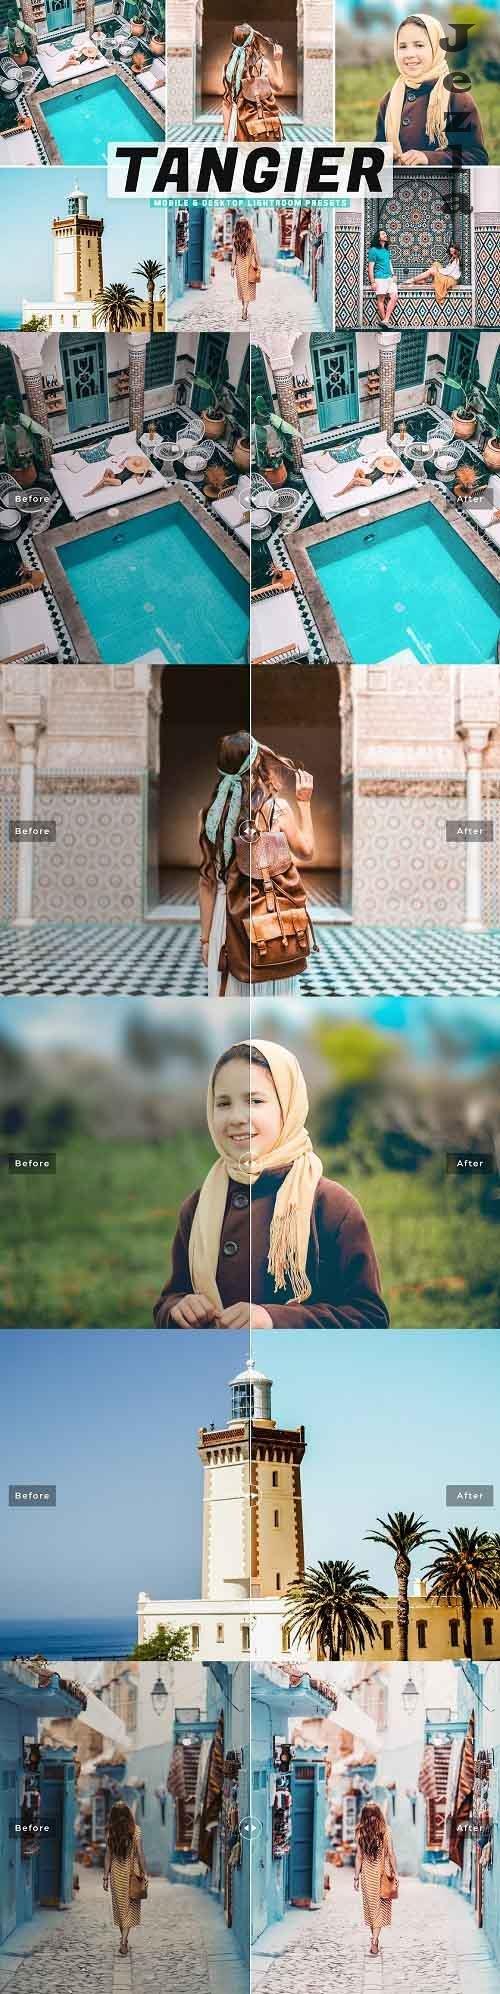 Tangier Pro Lightroom Presets - 5394057 - Mobile & Desktop